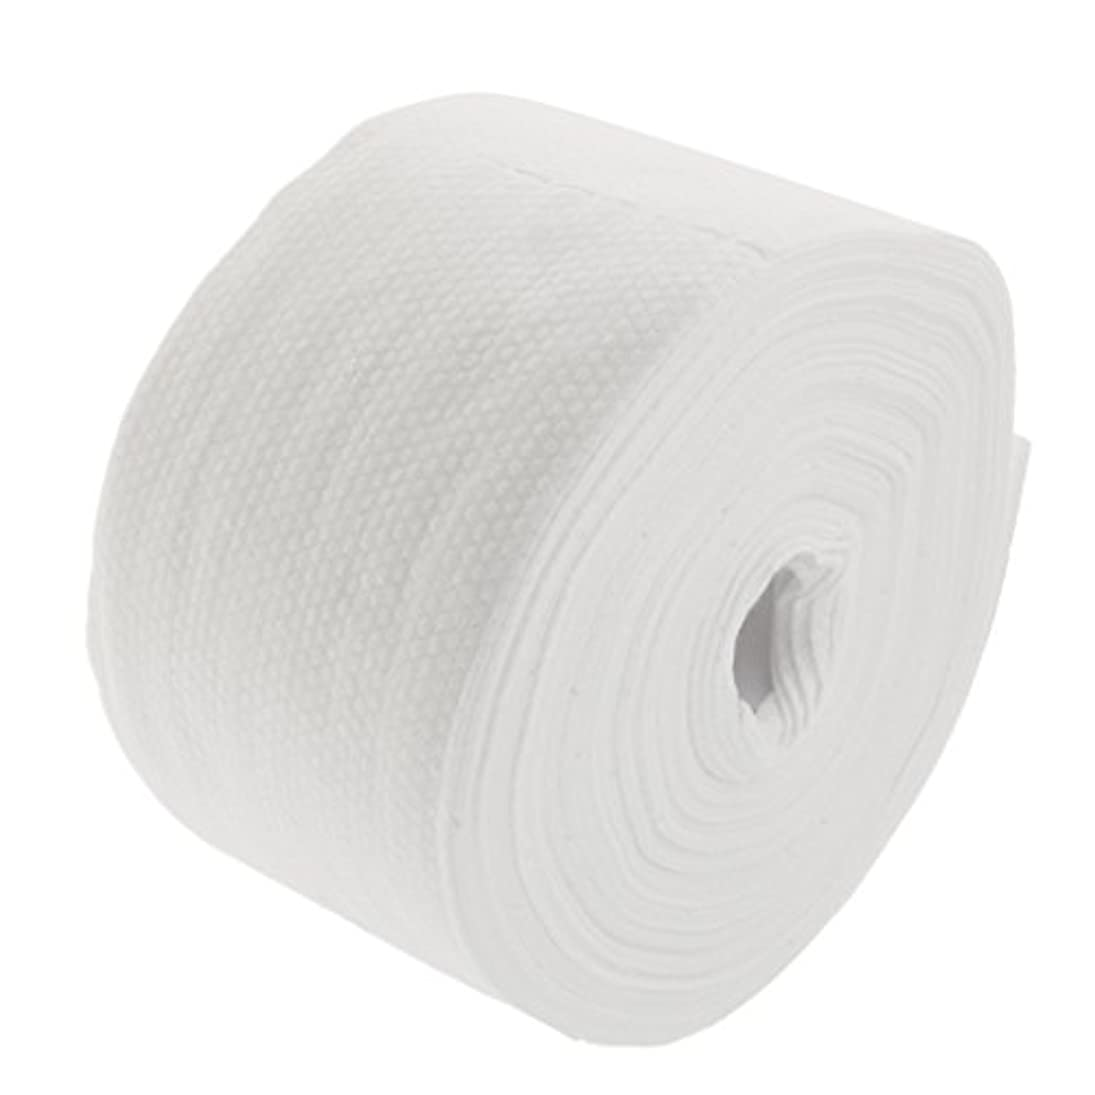 写真を描くドット着陸30メートルの使い捨て可能な綿タオル繊維クレンジングフェイシャルワイプメイク落とし - #2